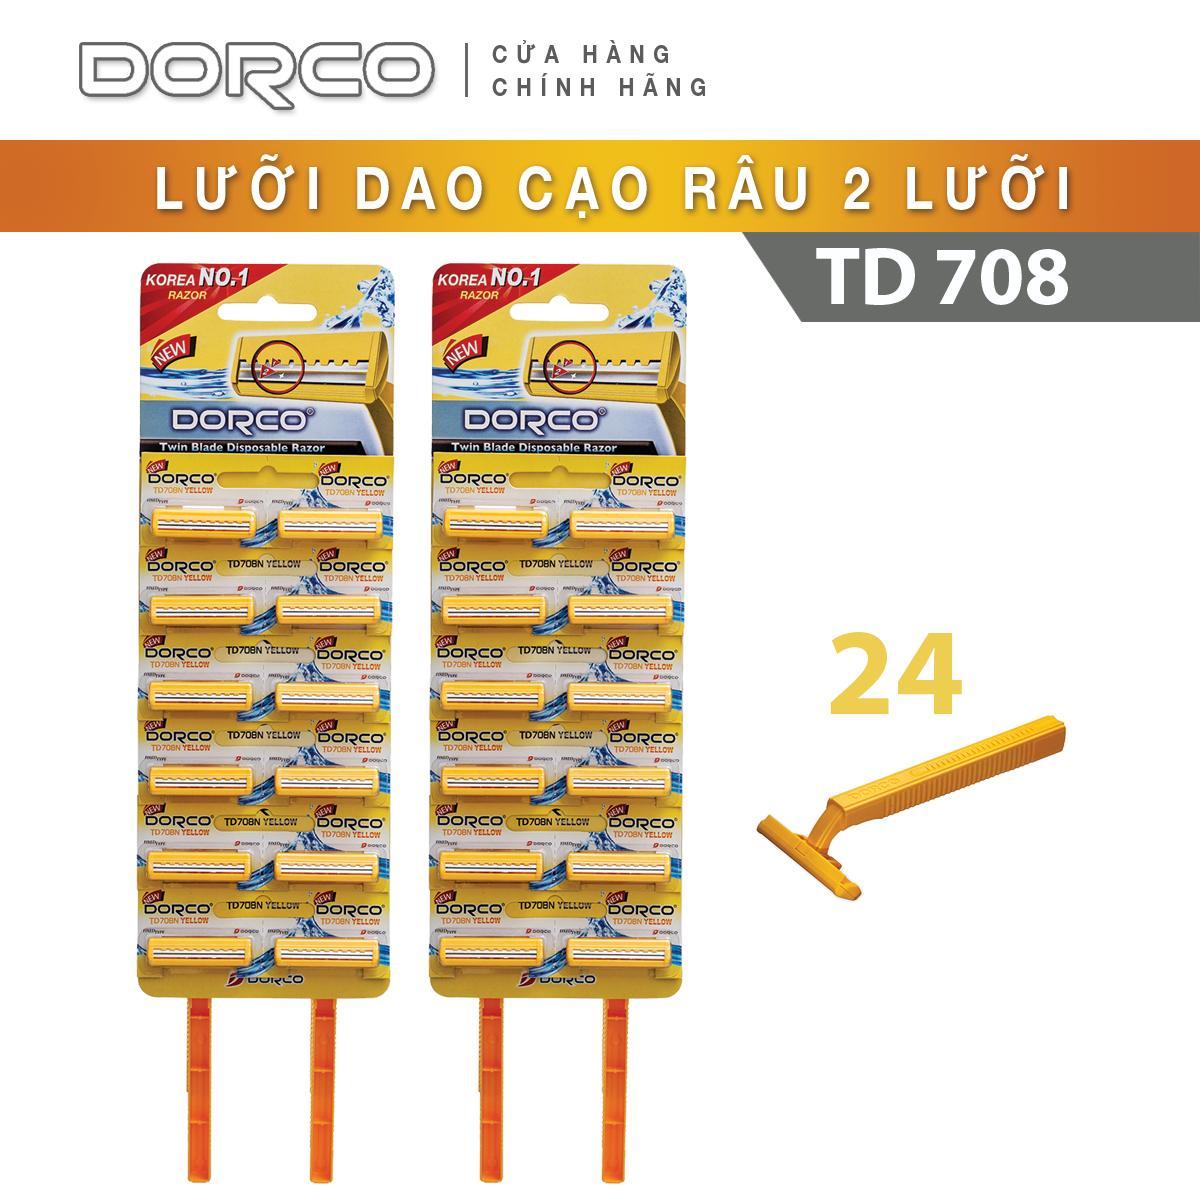 Bộ 02 Set Dao cạo râu 2 lưỡi DORCO TD 708 Vỉ 12 dao cạo tốt nhất